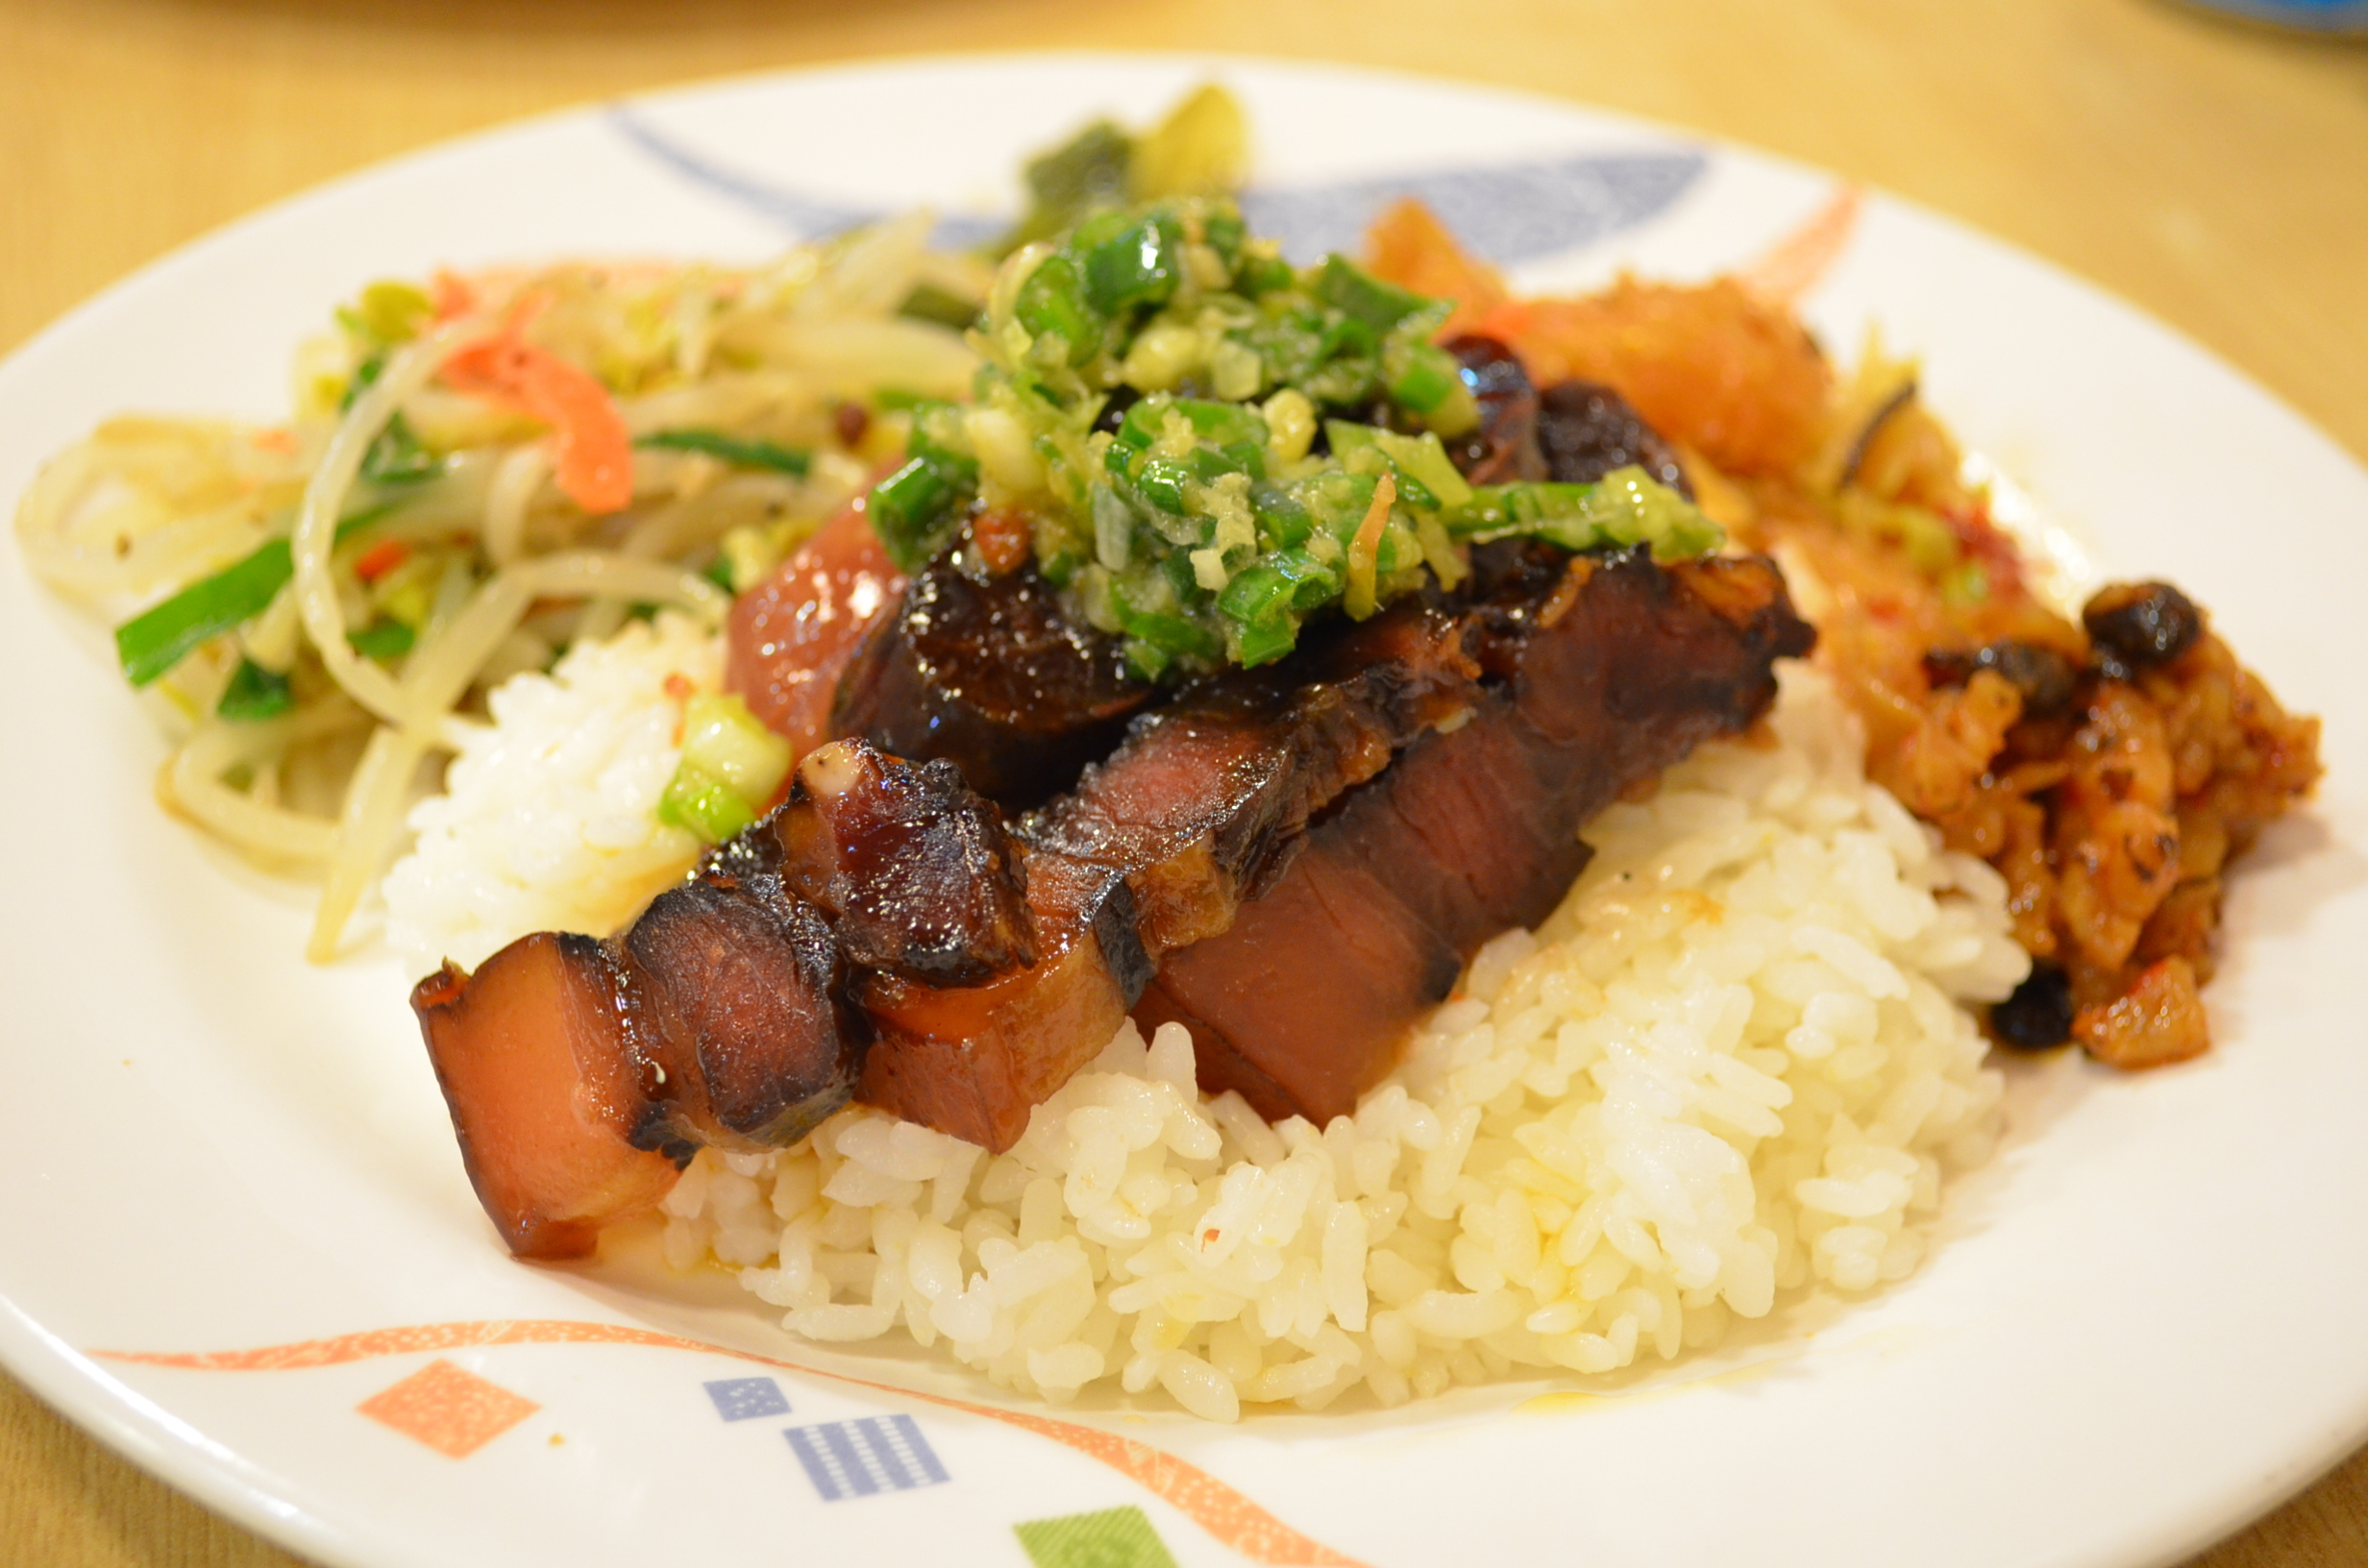 豚バラローストと鴨肉と鶏肉のせ ワンプレート